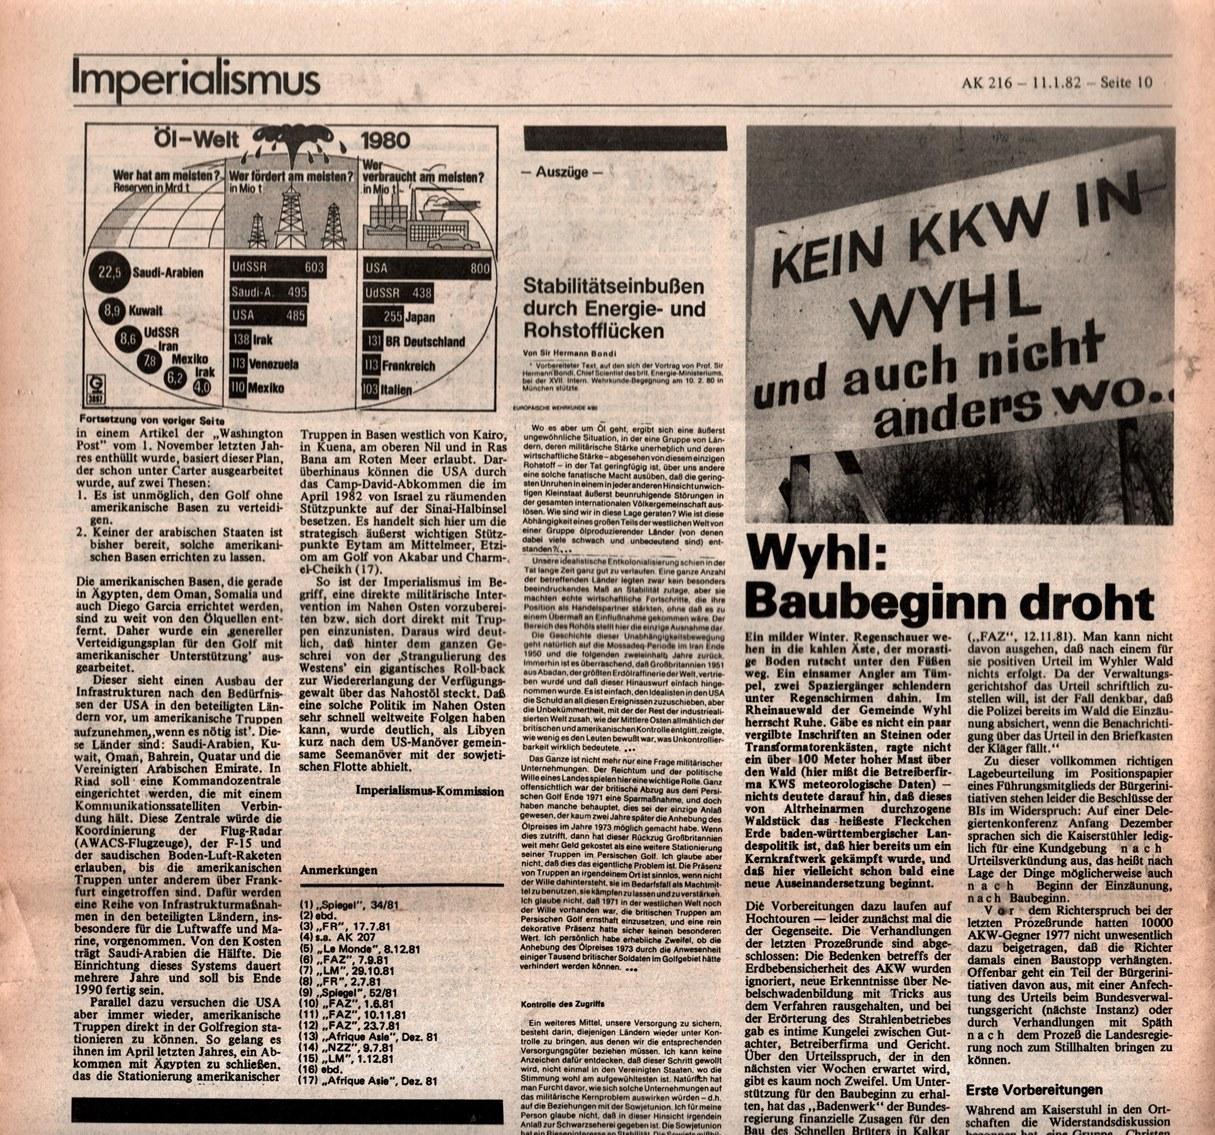 KB_AK_1982_216_019